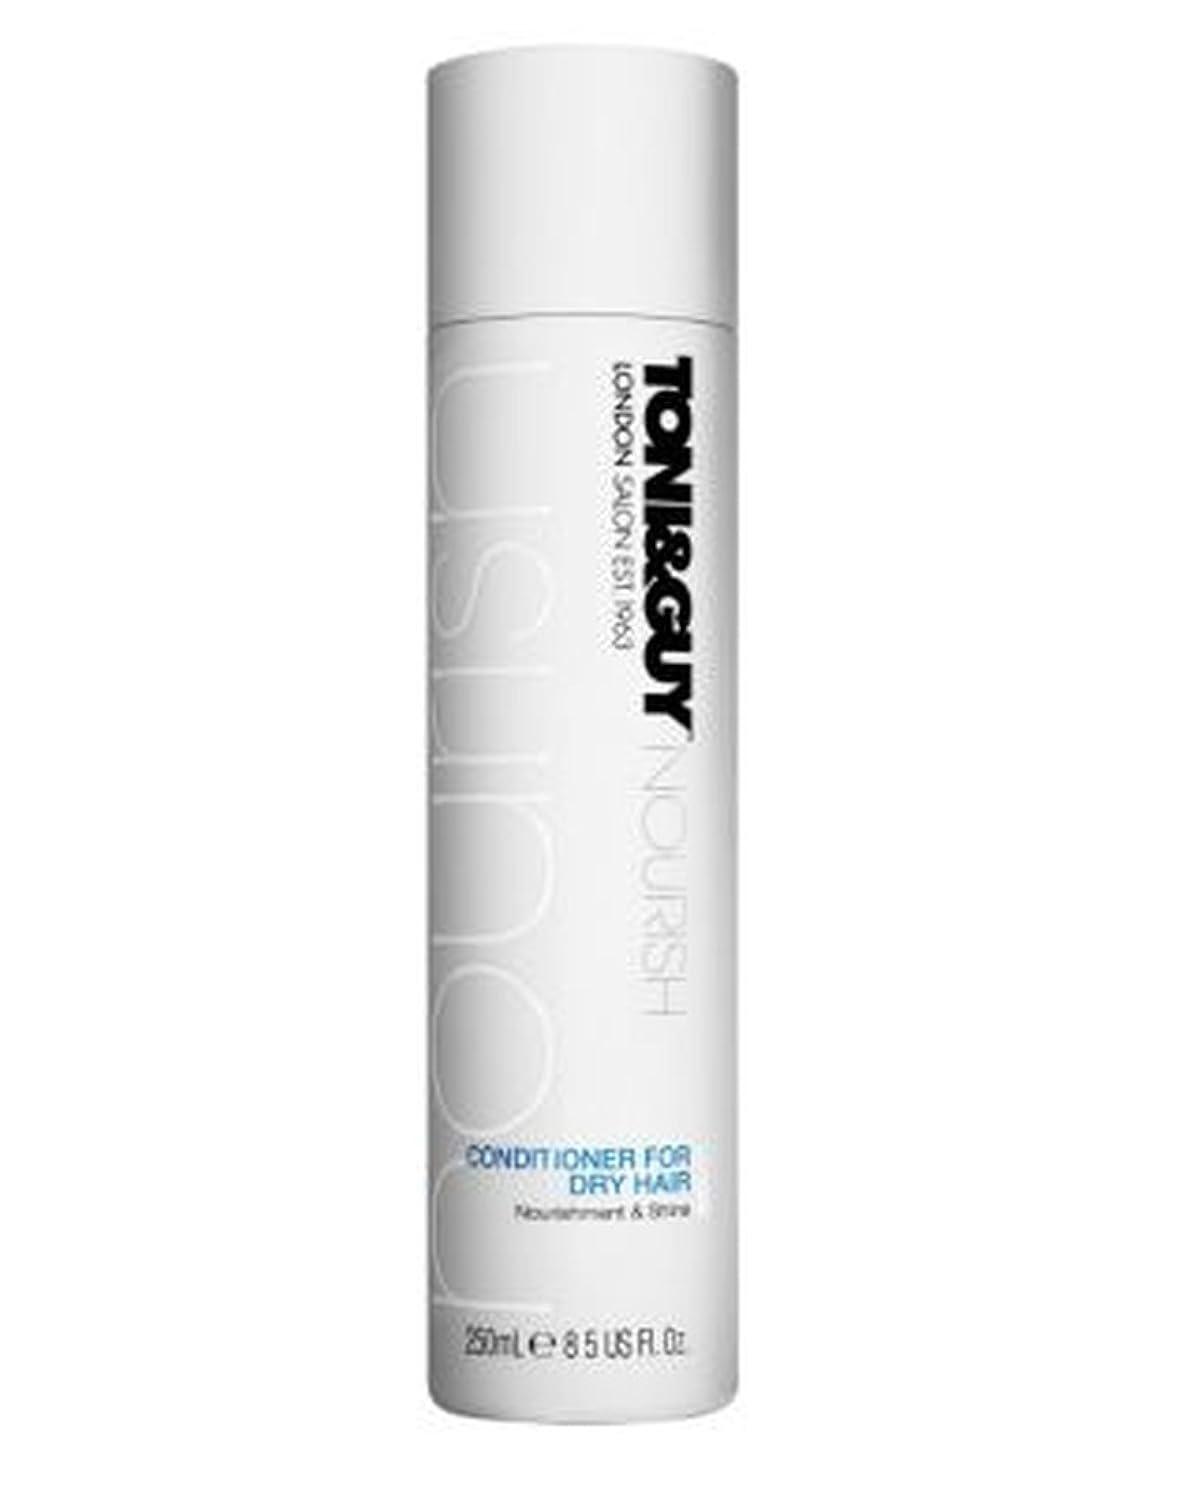 喜ぶ許されるニュージーランドトニ&男は乾いた髪の250ミリリットルのためにコンディショナーを養います (Toni & Guy) (x2) - Toni&Guy Nourish Conditioner for Dry Hair 250ml (Pack of 2) [並行輸入品]